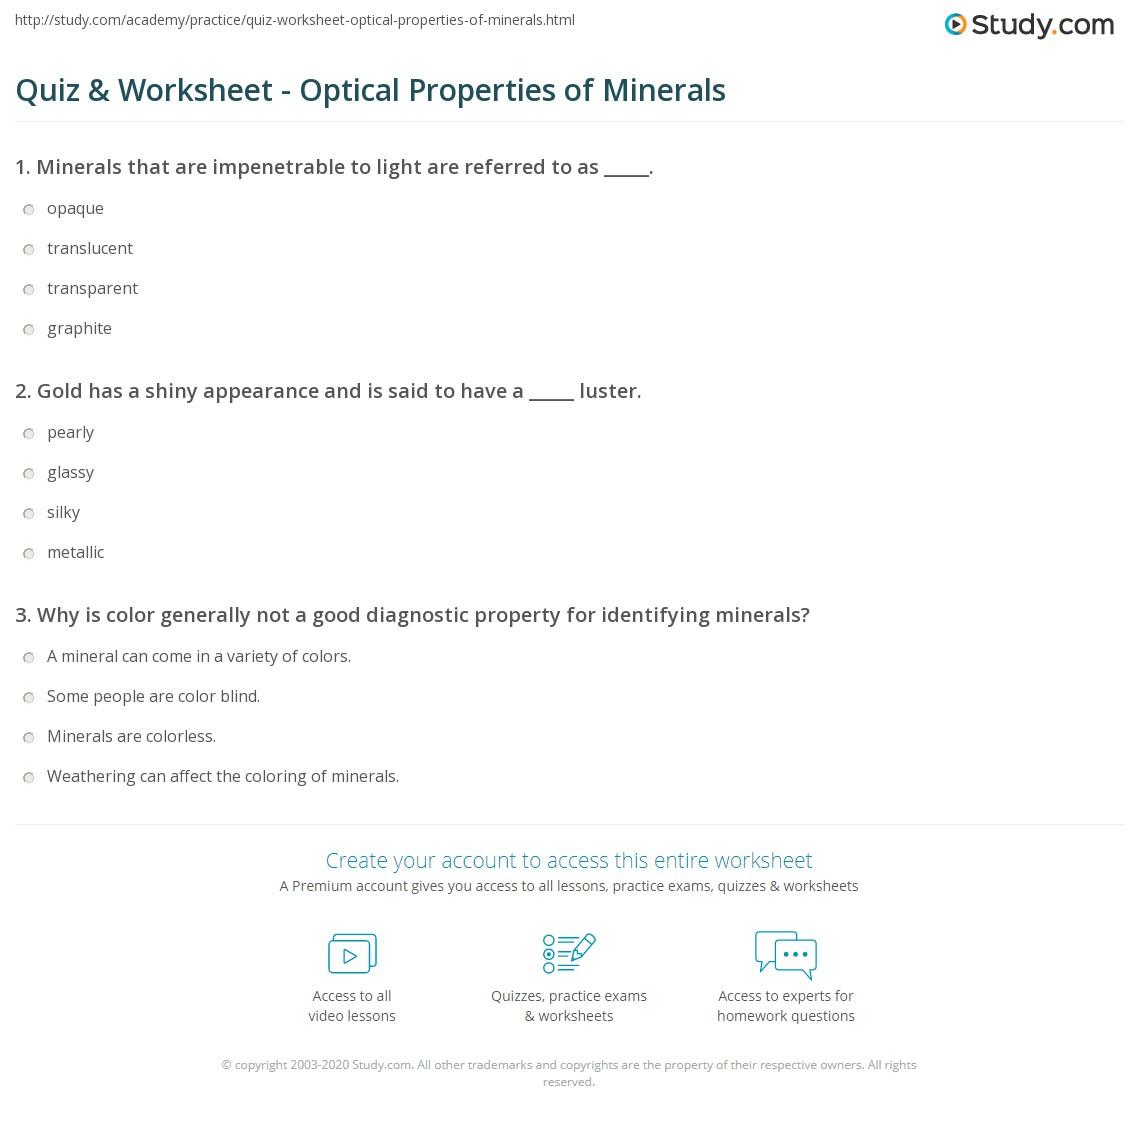 Quiz & Worksheet - Optical Properties of Minerals | Study.com